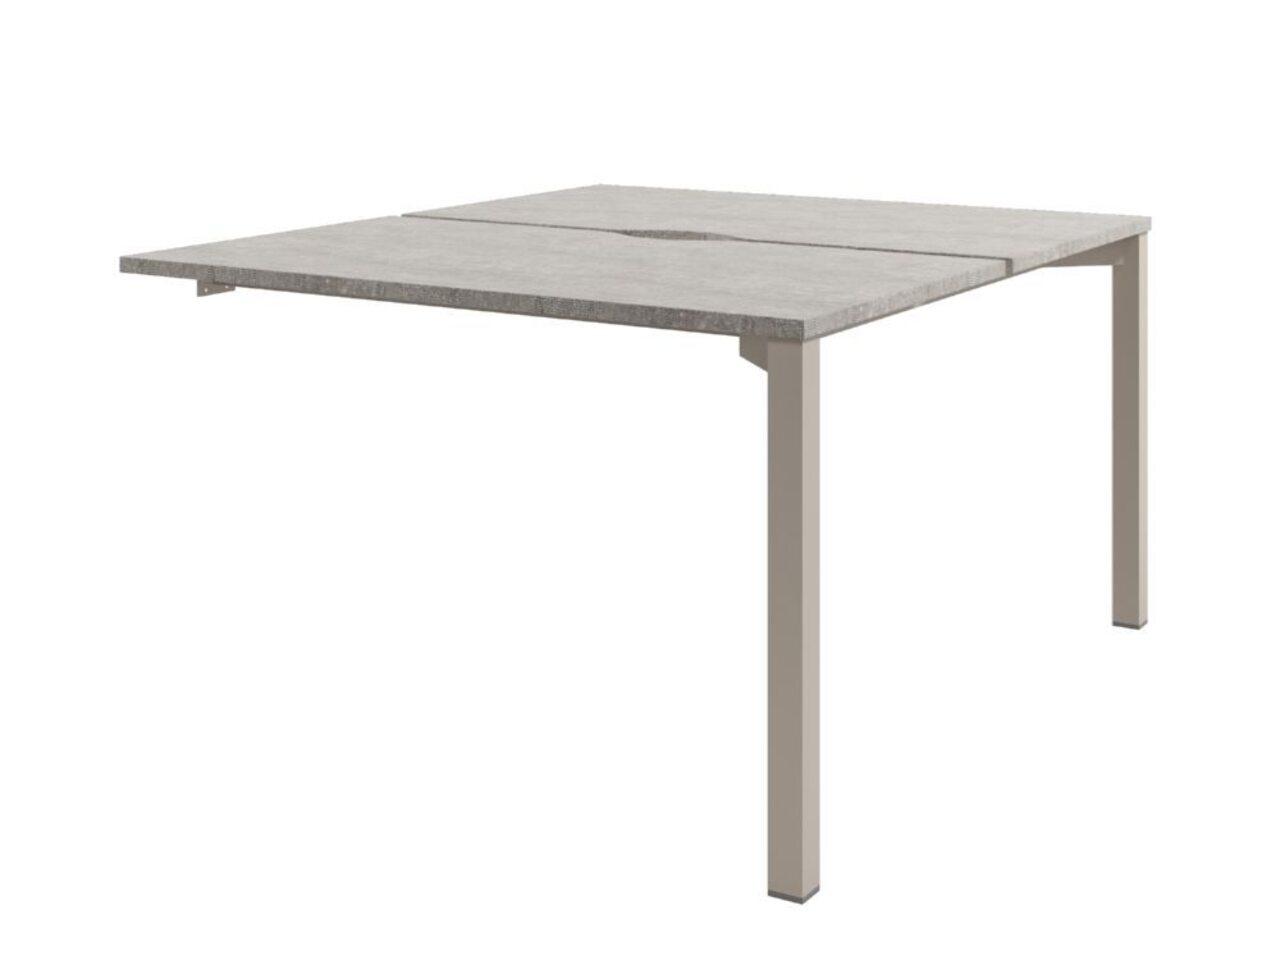 Бенч-система столов-тандемов  Solution 120x143x75 - фото 1